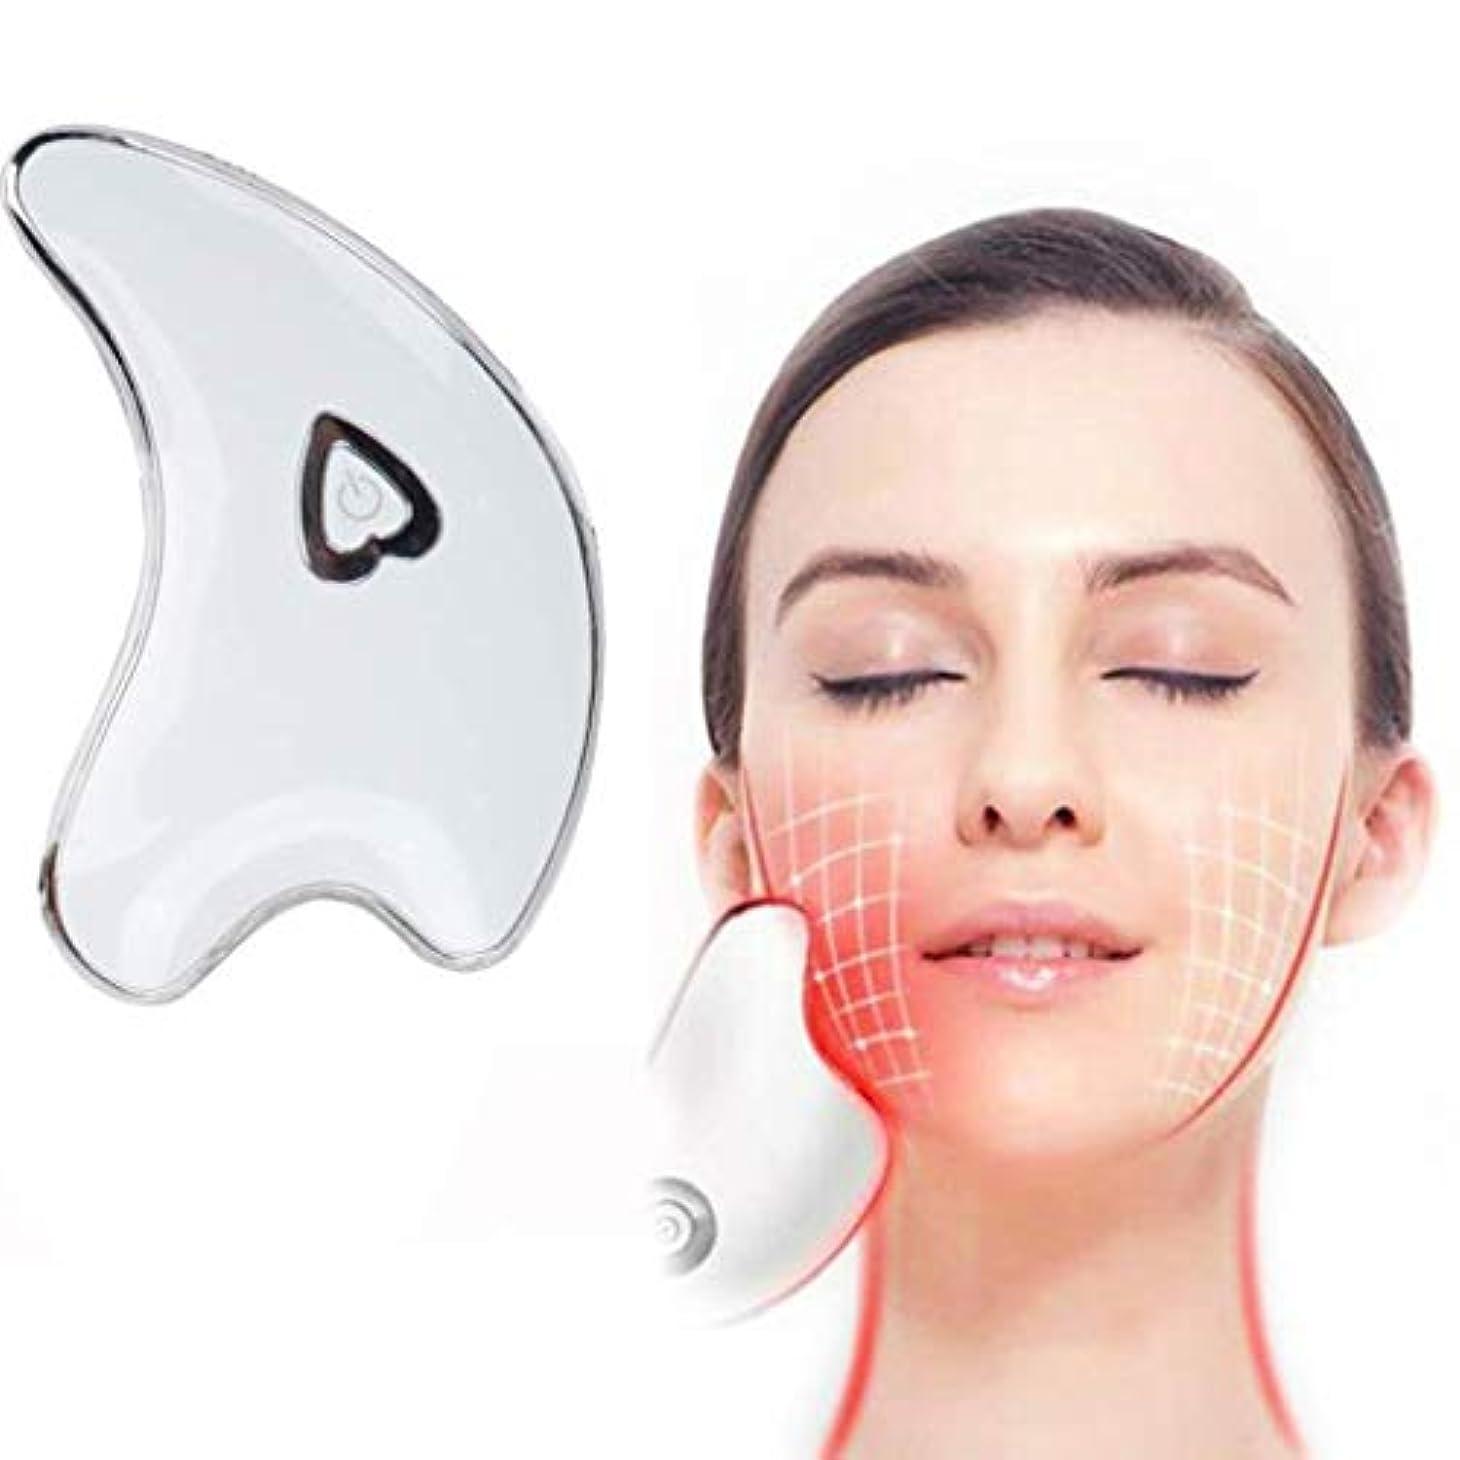 トランク実質的にフェイシャルスクレーピングマッサージャー、ネックスクレーピングマッサージボード、ダークサークルを防止するためのツールマイクロカレントバイブレーションアンチシワ、薄い顔の引き締め肌の引き締め (Color : White)